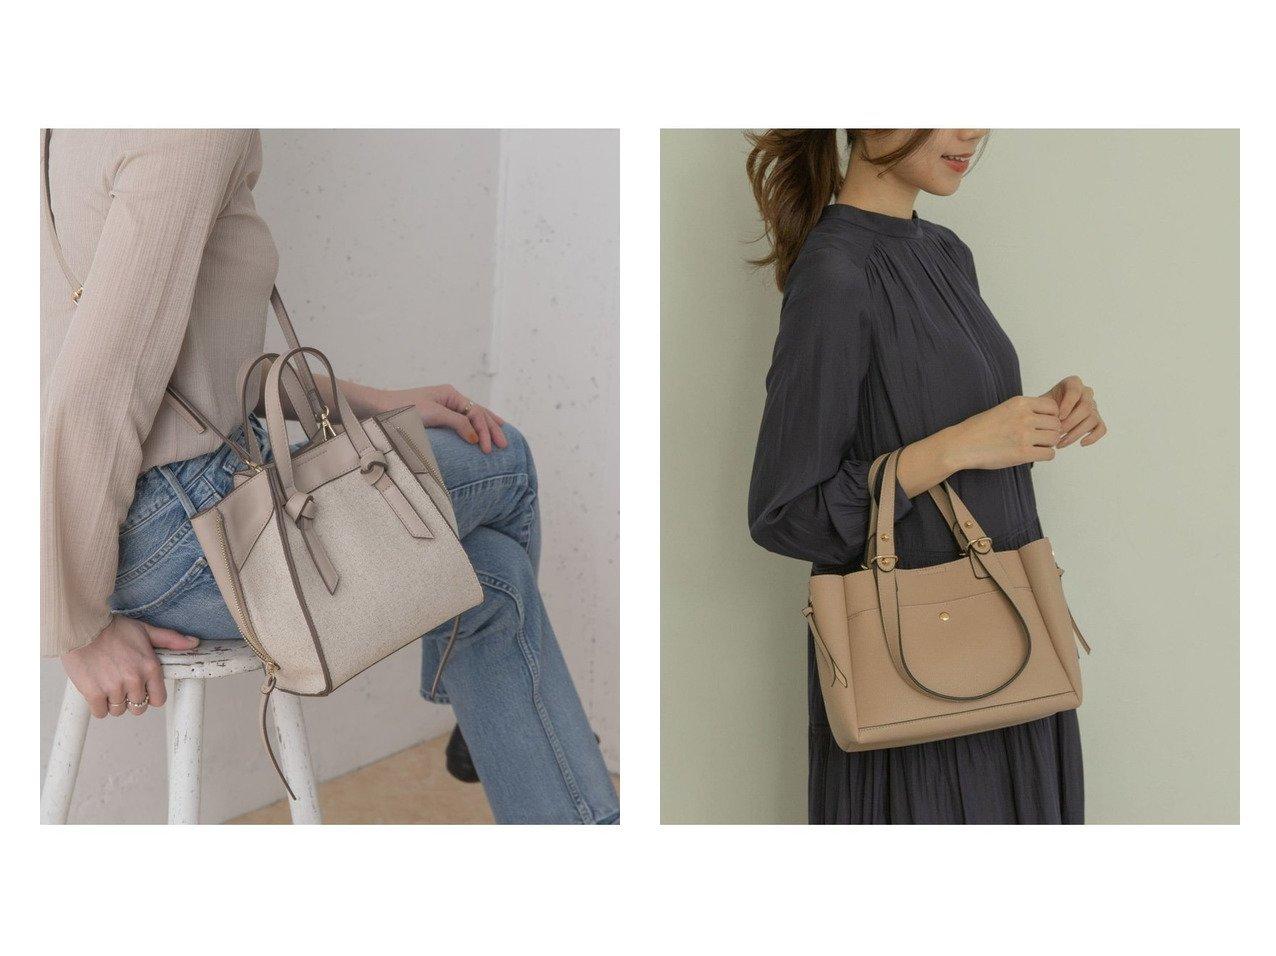 【RODE SKO/ロデスコ】のABRIL プチサイドファスナー2WAYトート&【URBAN RESEARCH ROSSO/アーバンリサーチ ロッソ】のキャンバスコンビミニトート バッグ・鞄のおすすめ!人気、トレンド・レディースファッションの通販  おすすめで人気の流行・トレンド、ファッションの通販商品 メンズファッション・キッズファッション・インテリア・家具・レディースファッション・服の通販 founy(ファニー) https://founy.com/ ファッション Fashion レディースファッション WOMEN バッグ Bag NEW・新作・新着・新入荷 New Arrivals 再入荷 Restock/Back in Stock/Re Arrival コンパクト ショルダー シンプル ジップ スカーフ チャーム ワンポイント 人気 |ID:crp329100000009894